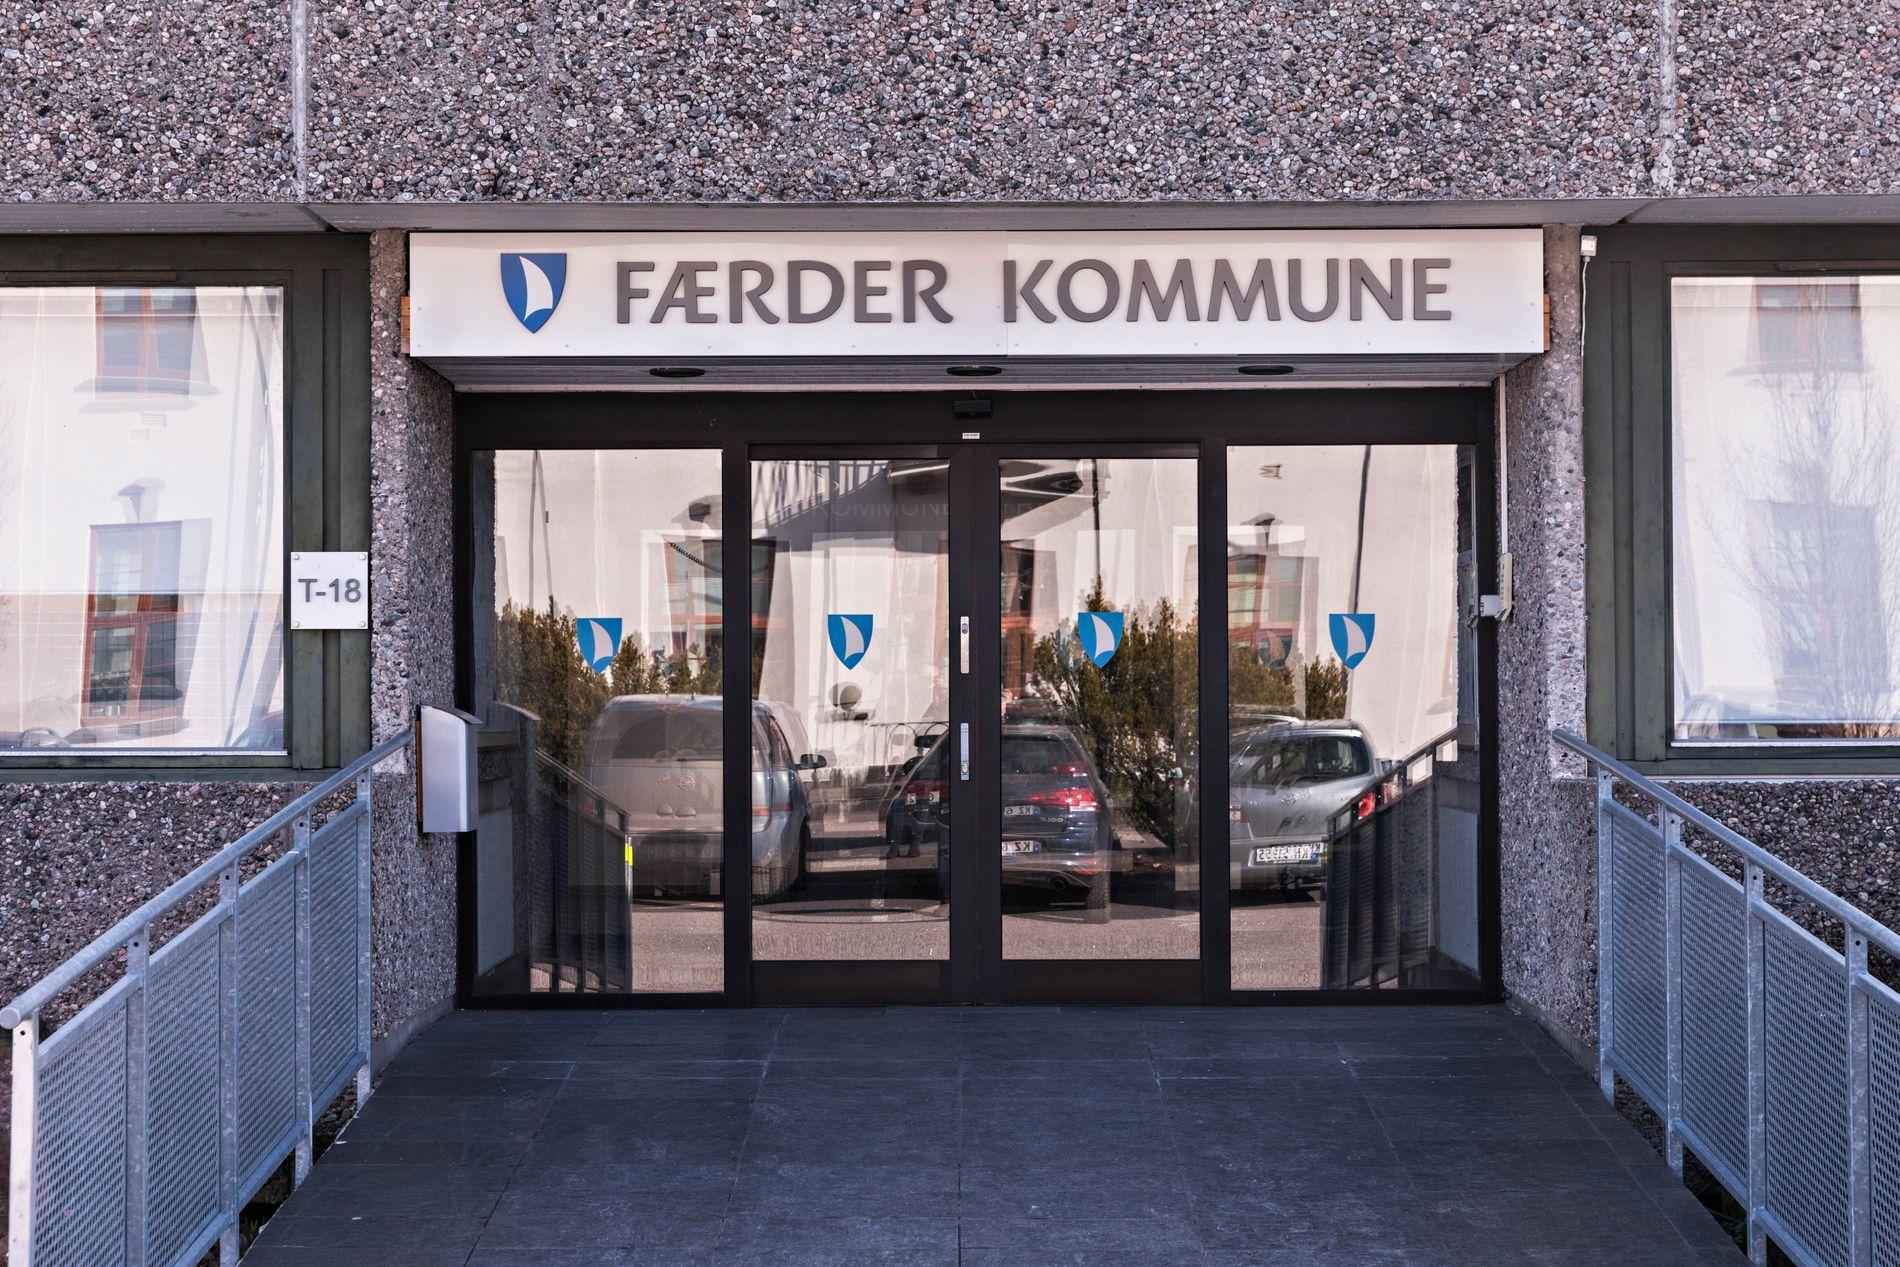 DØDE: En mann i 50-årene, bosatt i en omsorgsbolig i Færder kommune i Vestfold, døde etter bad i glovarmt vann.